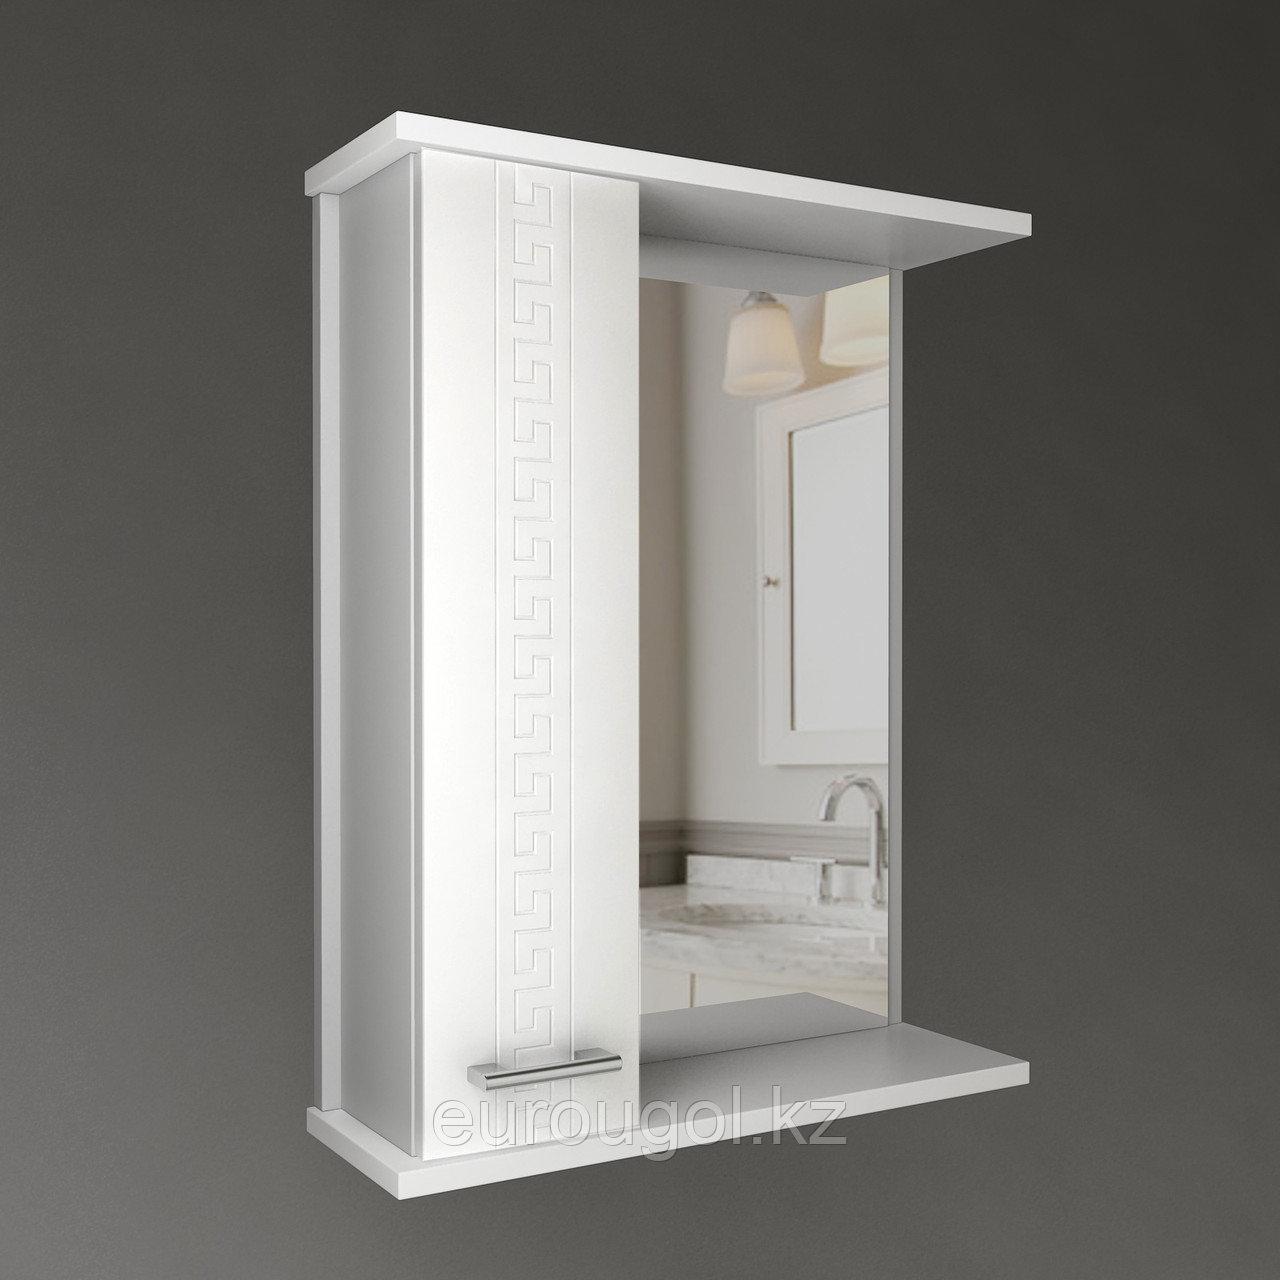 Шкаф - зеркало для ванной комнаты WaterWorld Троя 600 мм.